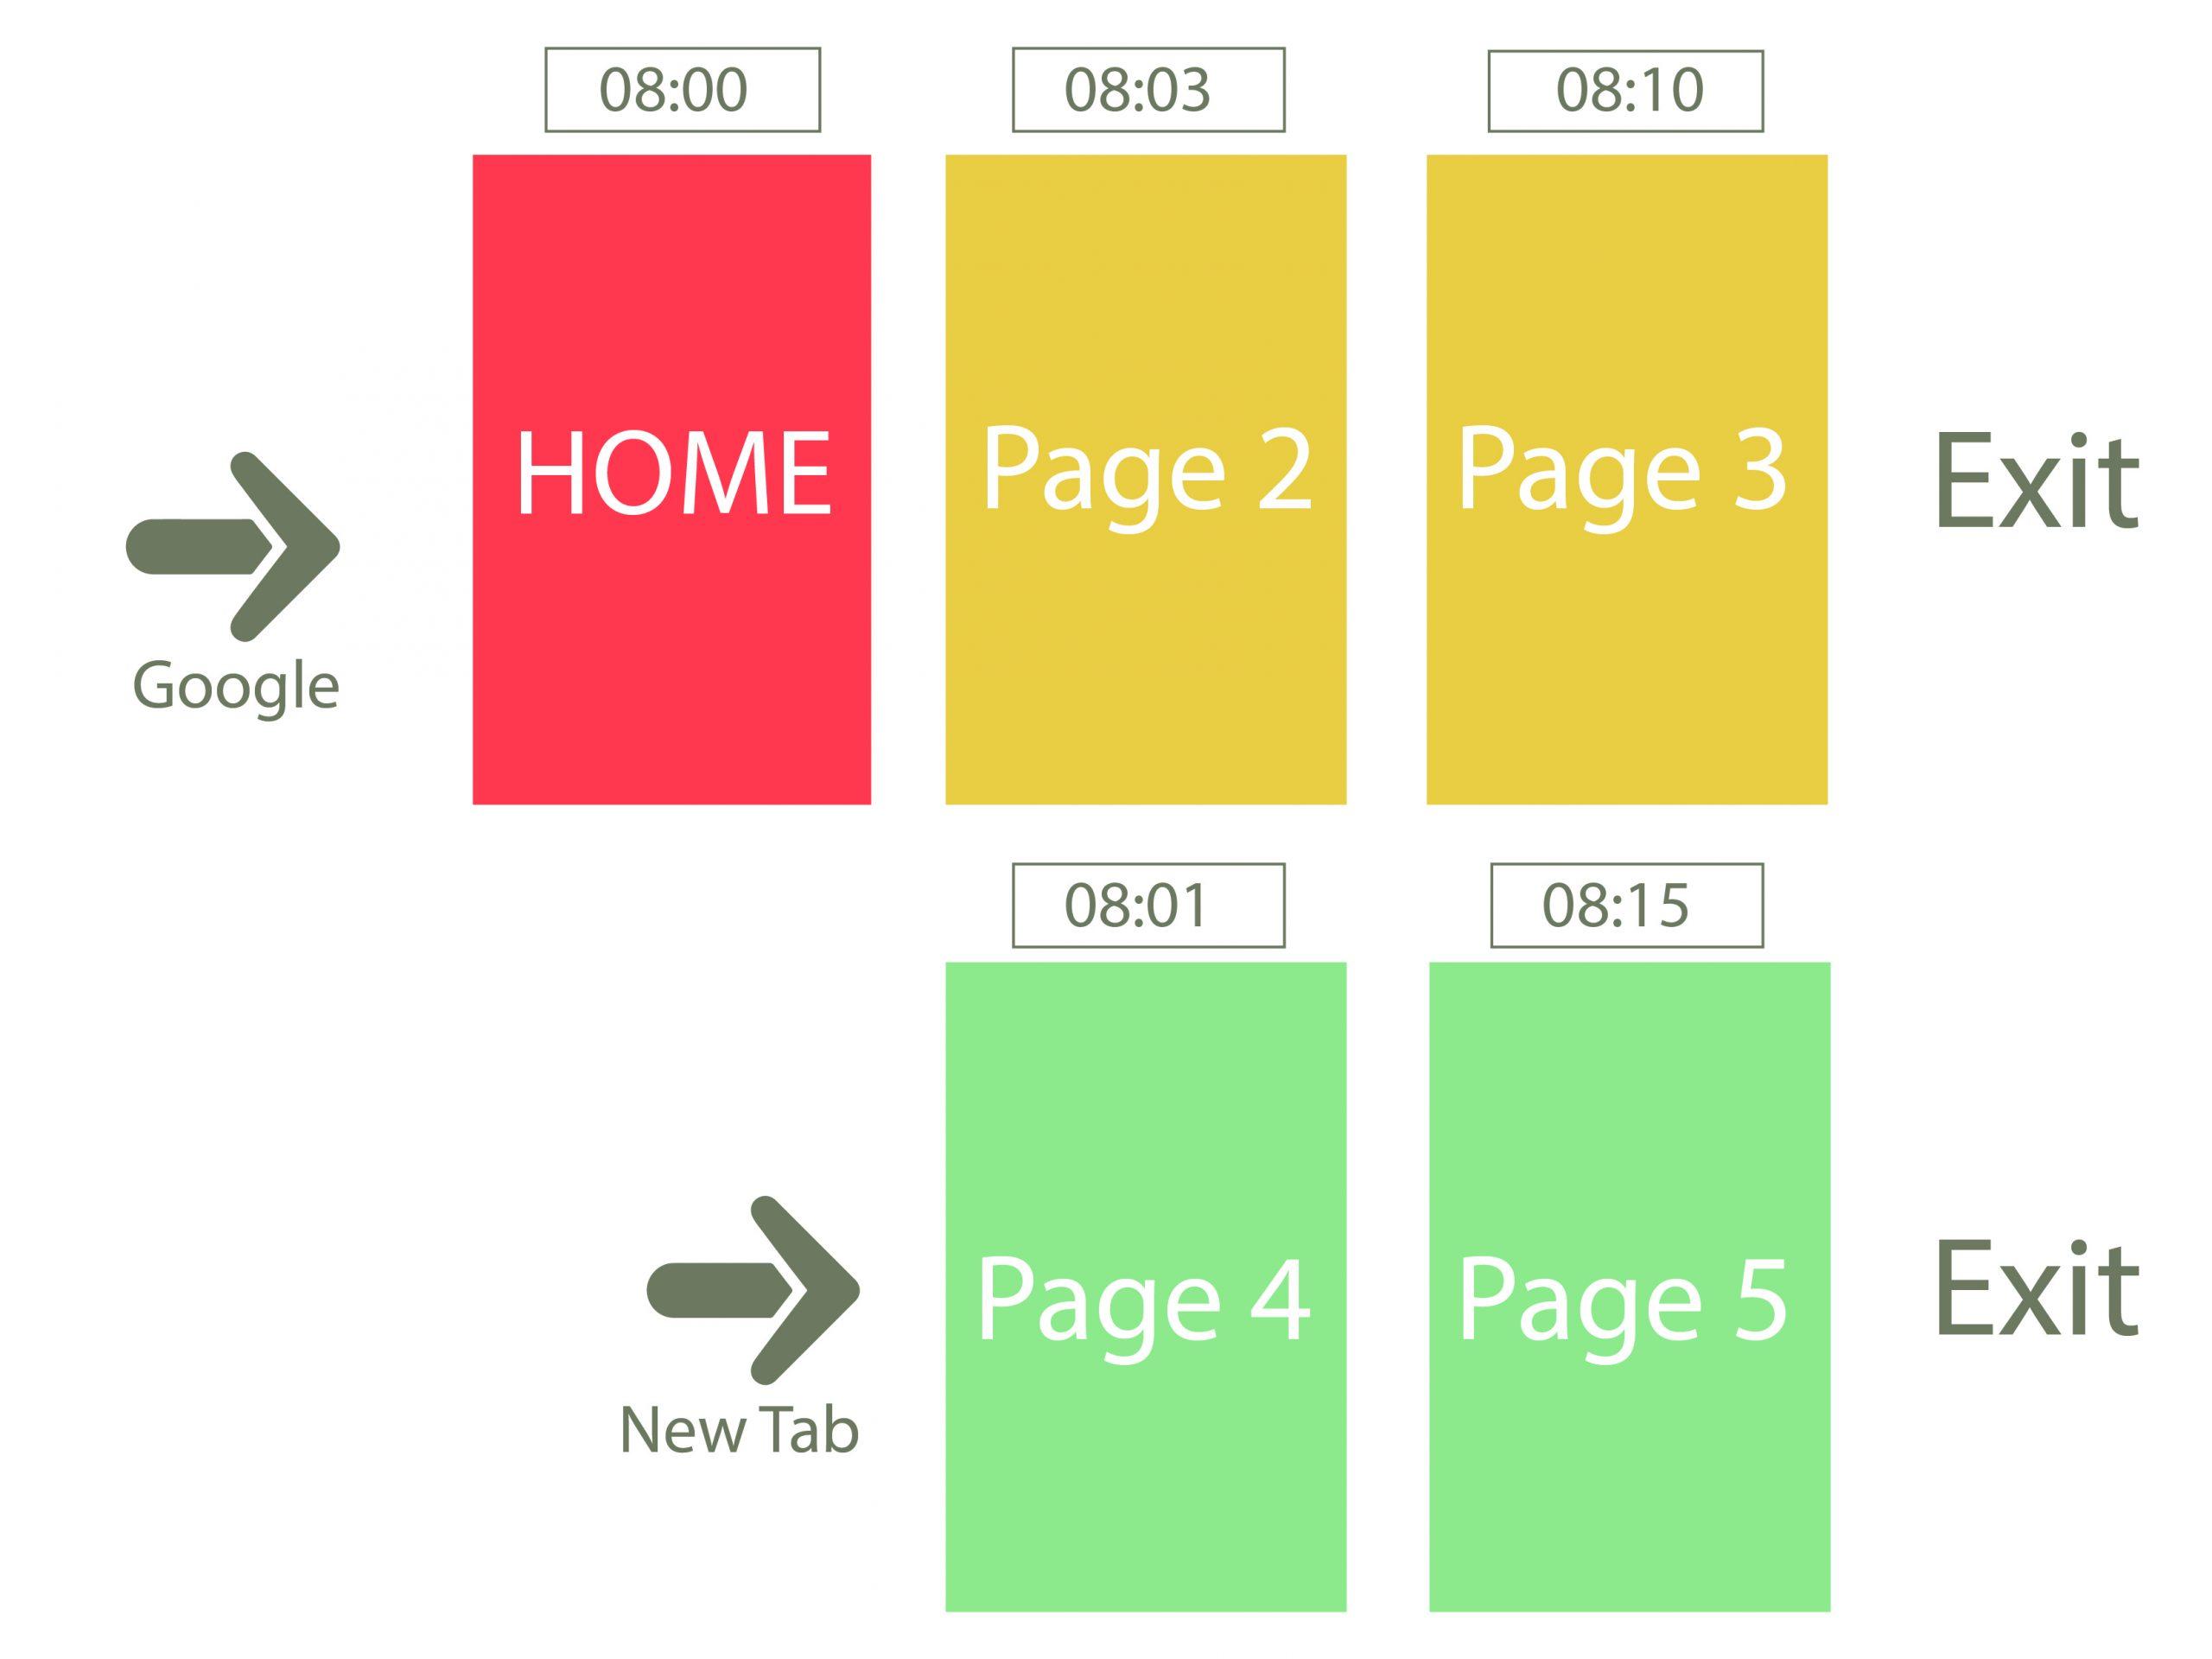 Tổng quan Time on site là gì? Thời gian trung bình trên trang